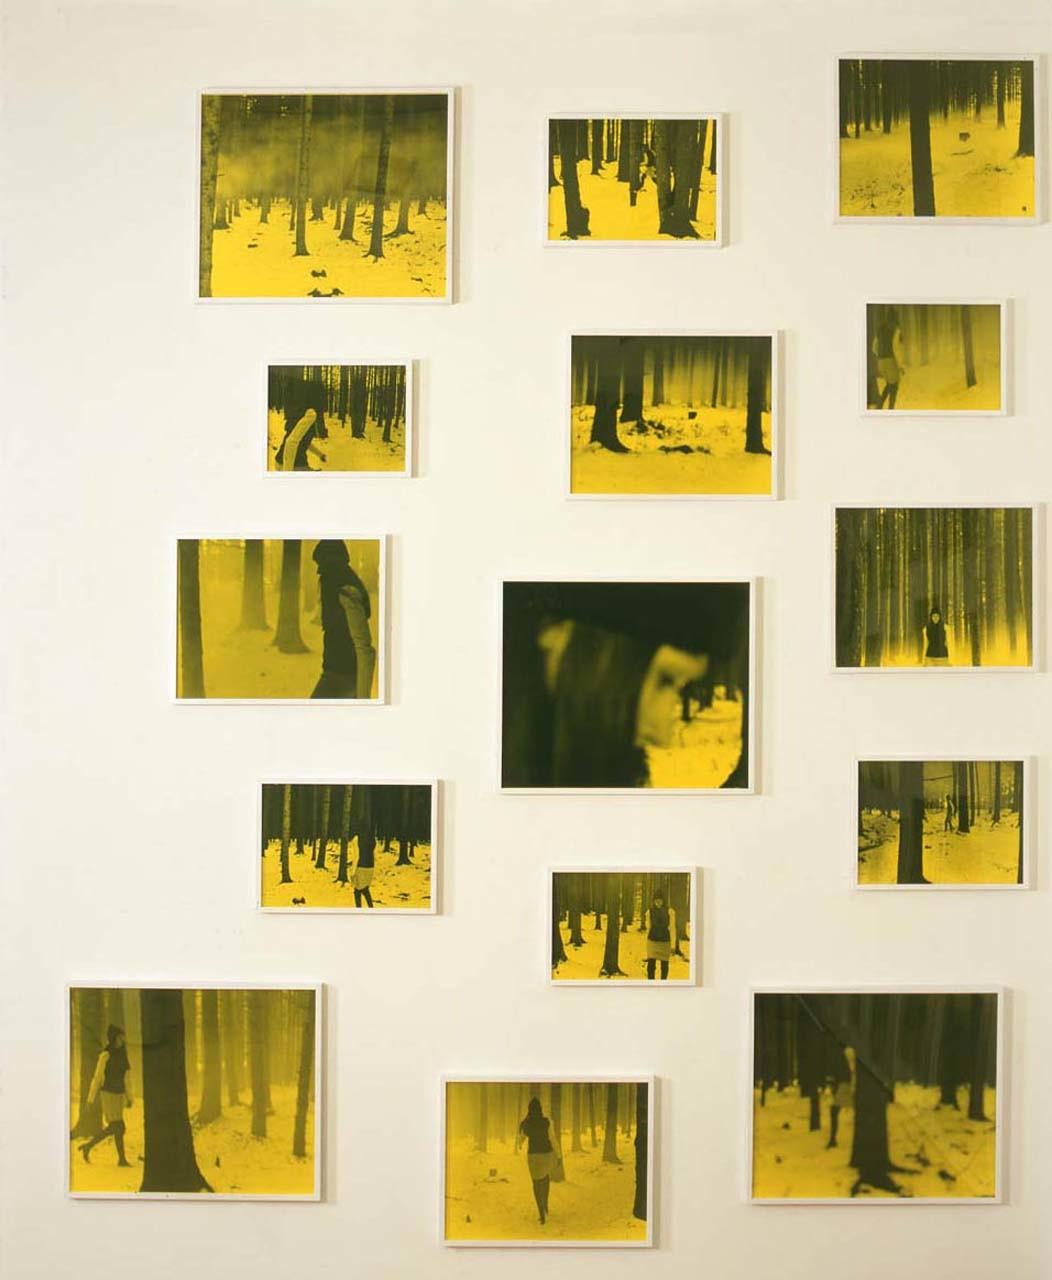 """<div class=""""artwork_caption""""><p>Funfzehnternovemberneunzehmhundertneunundneunzig, 1999</p></div>"""